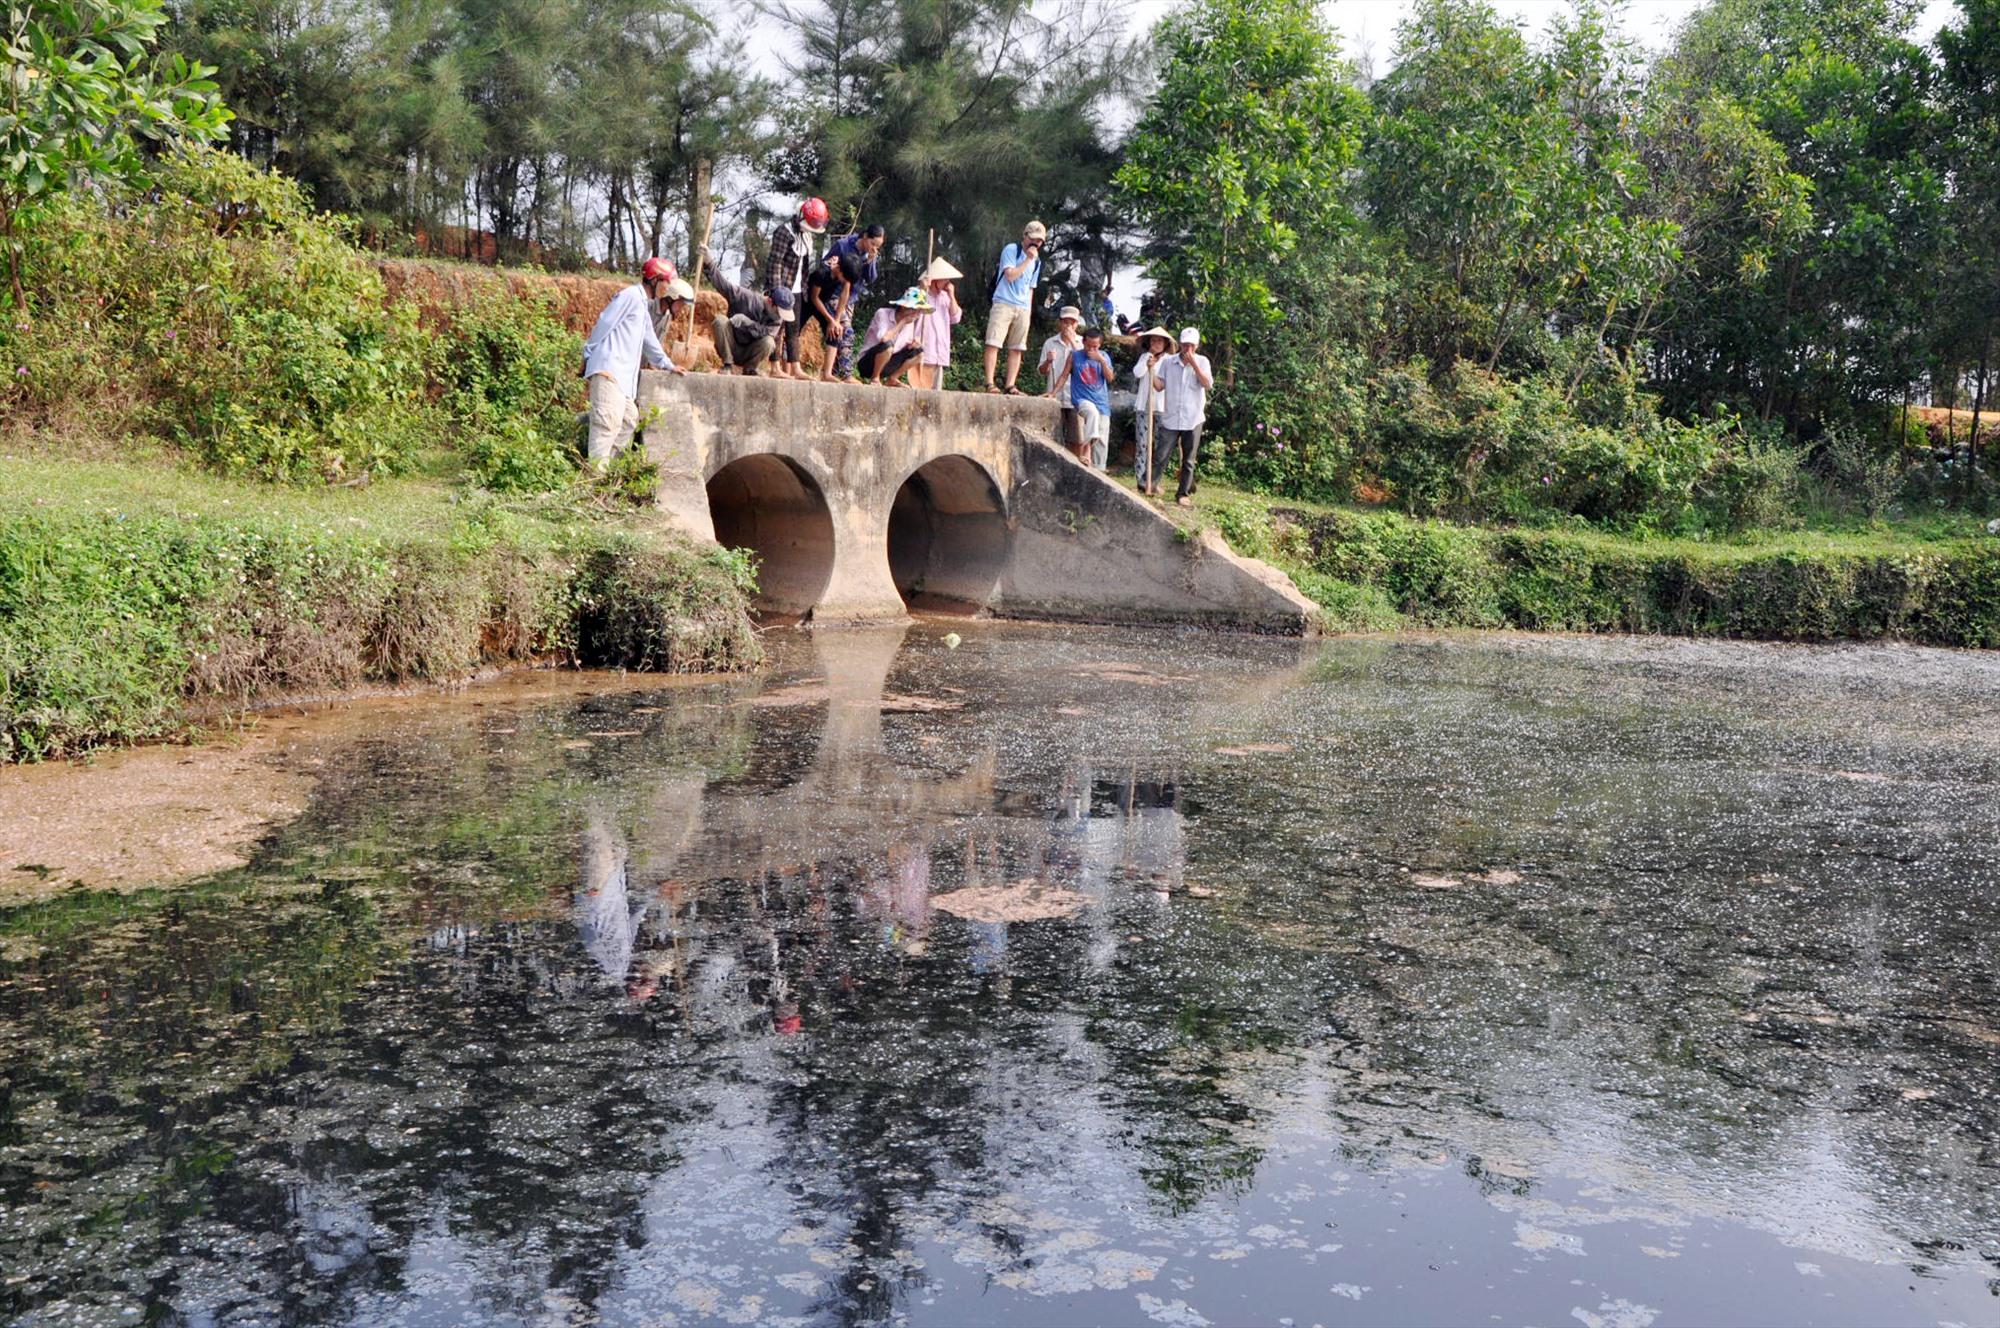 Nước thải từ nhà máy sản xuất công nghiệp ra một cống nước tại cánh đồng thôn Thọ Khương, xã Tam Hiệp (Núi Thành) cách đây vài năm. Ảnh: T.N